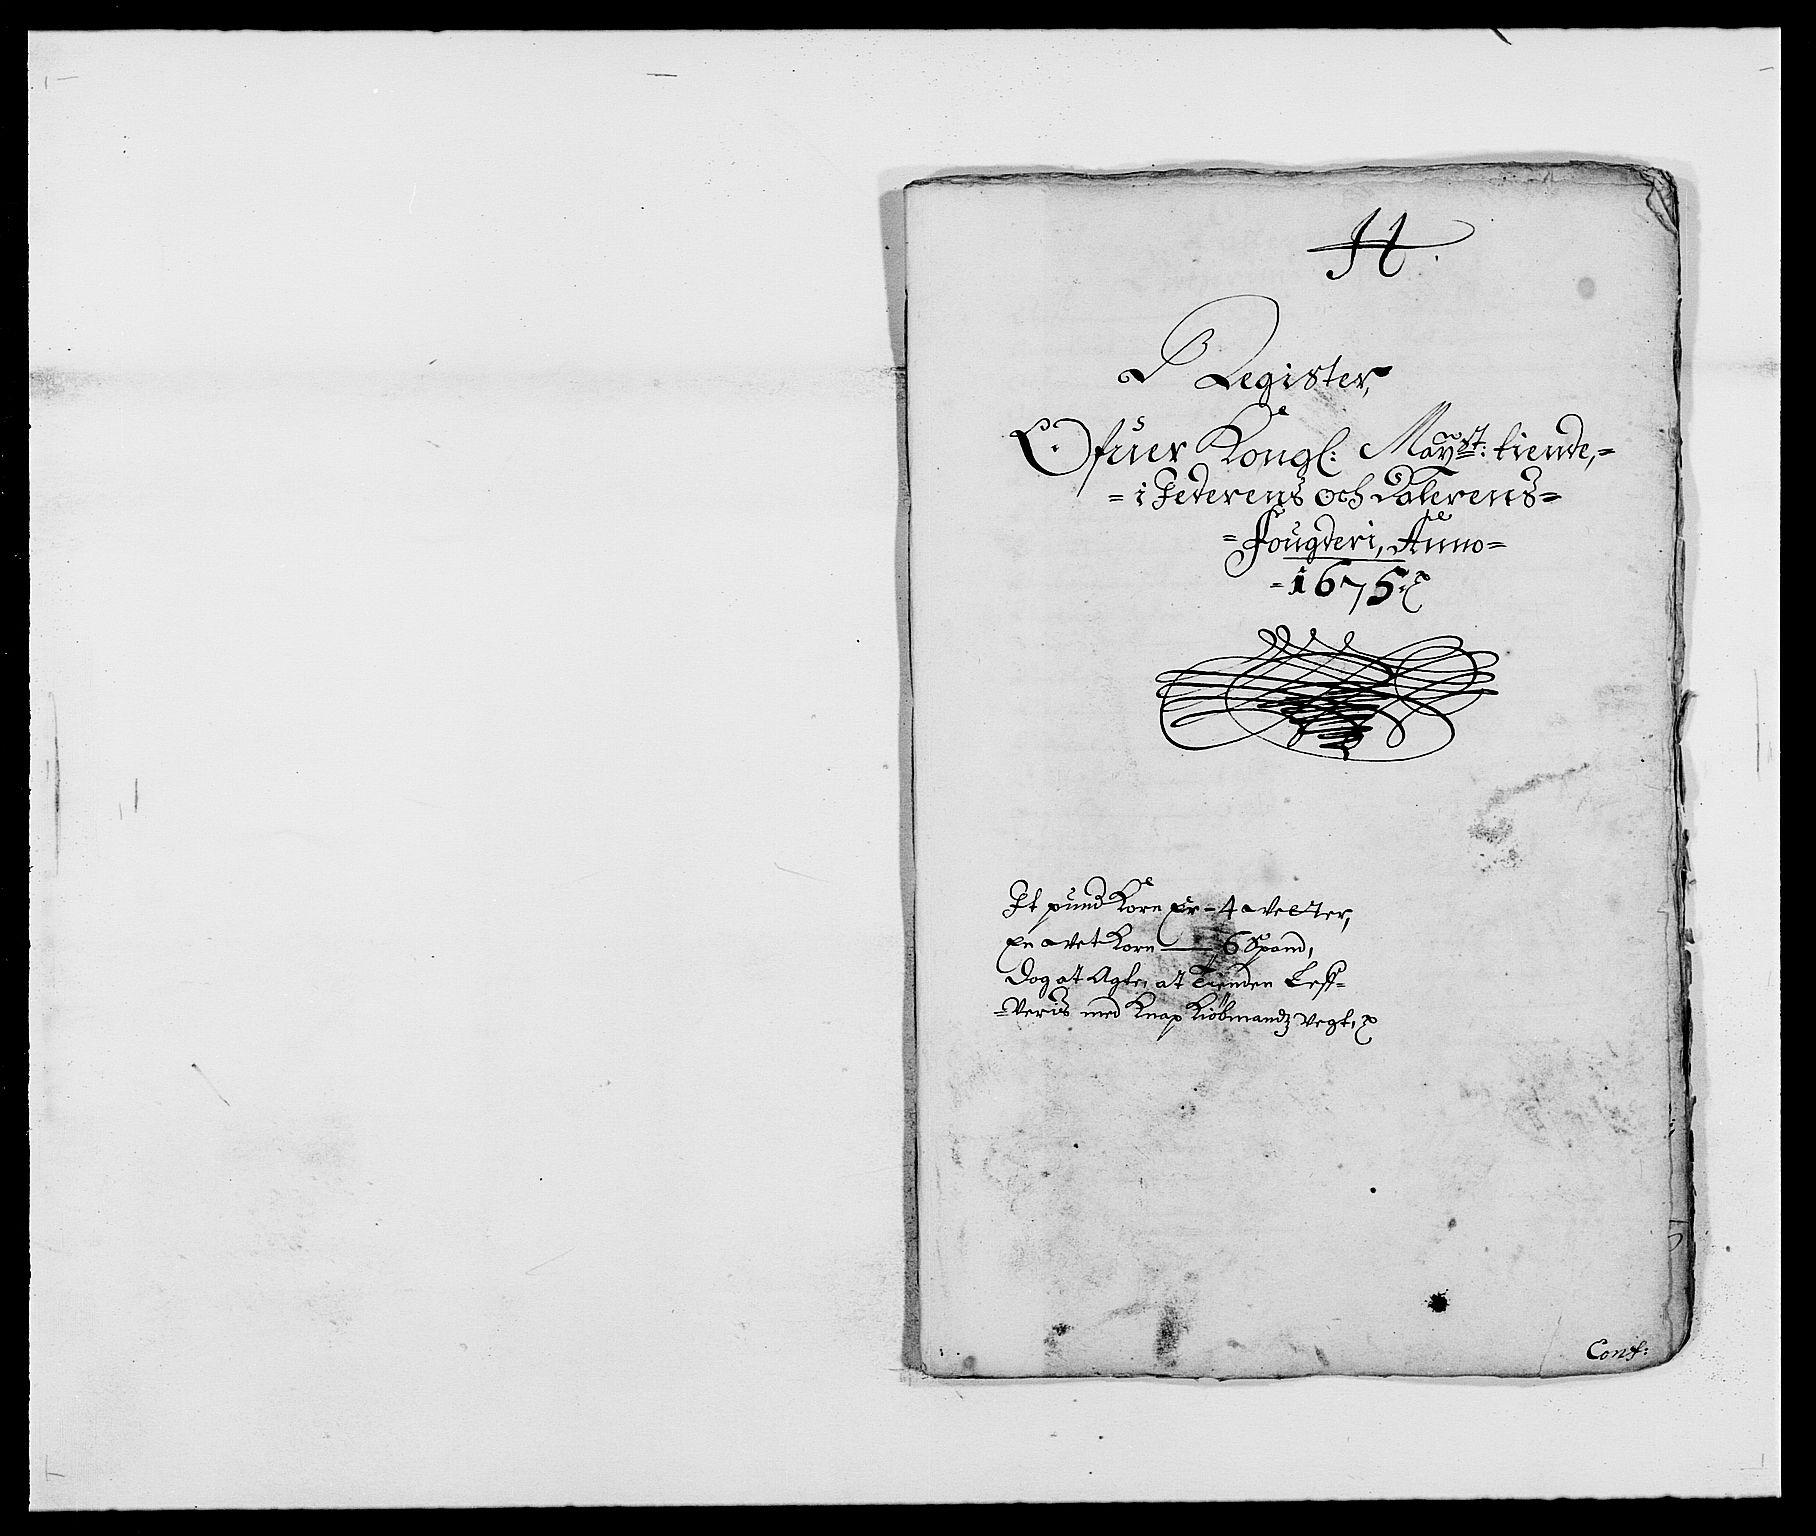 RA, Rentekammeret inntil 1814, Reviderte regnskaper, Fogderegnskap, R46/L2715: Fogderegnskap Jæren og Dalane, 1675, s. 246